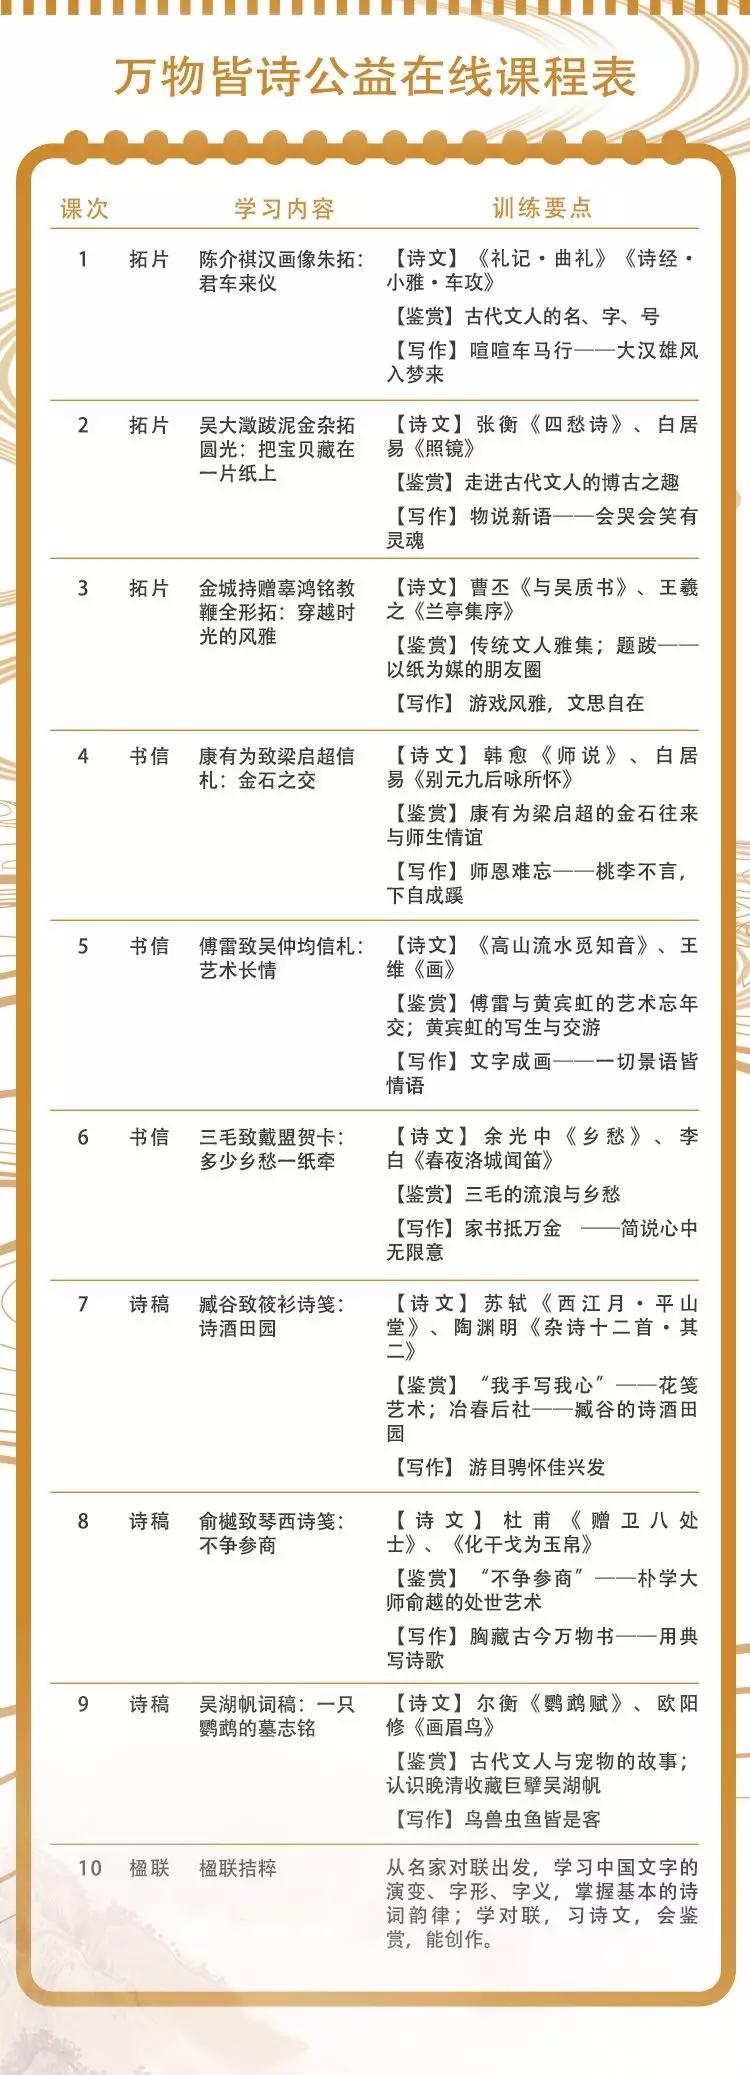 深圳幼儿学万物皆诗公益在线培训机构